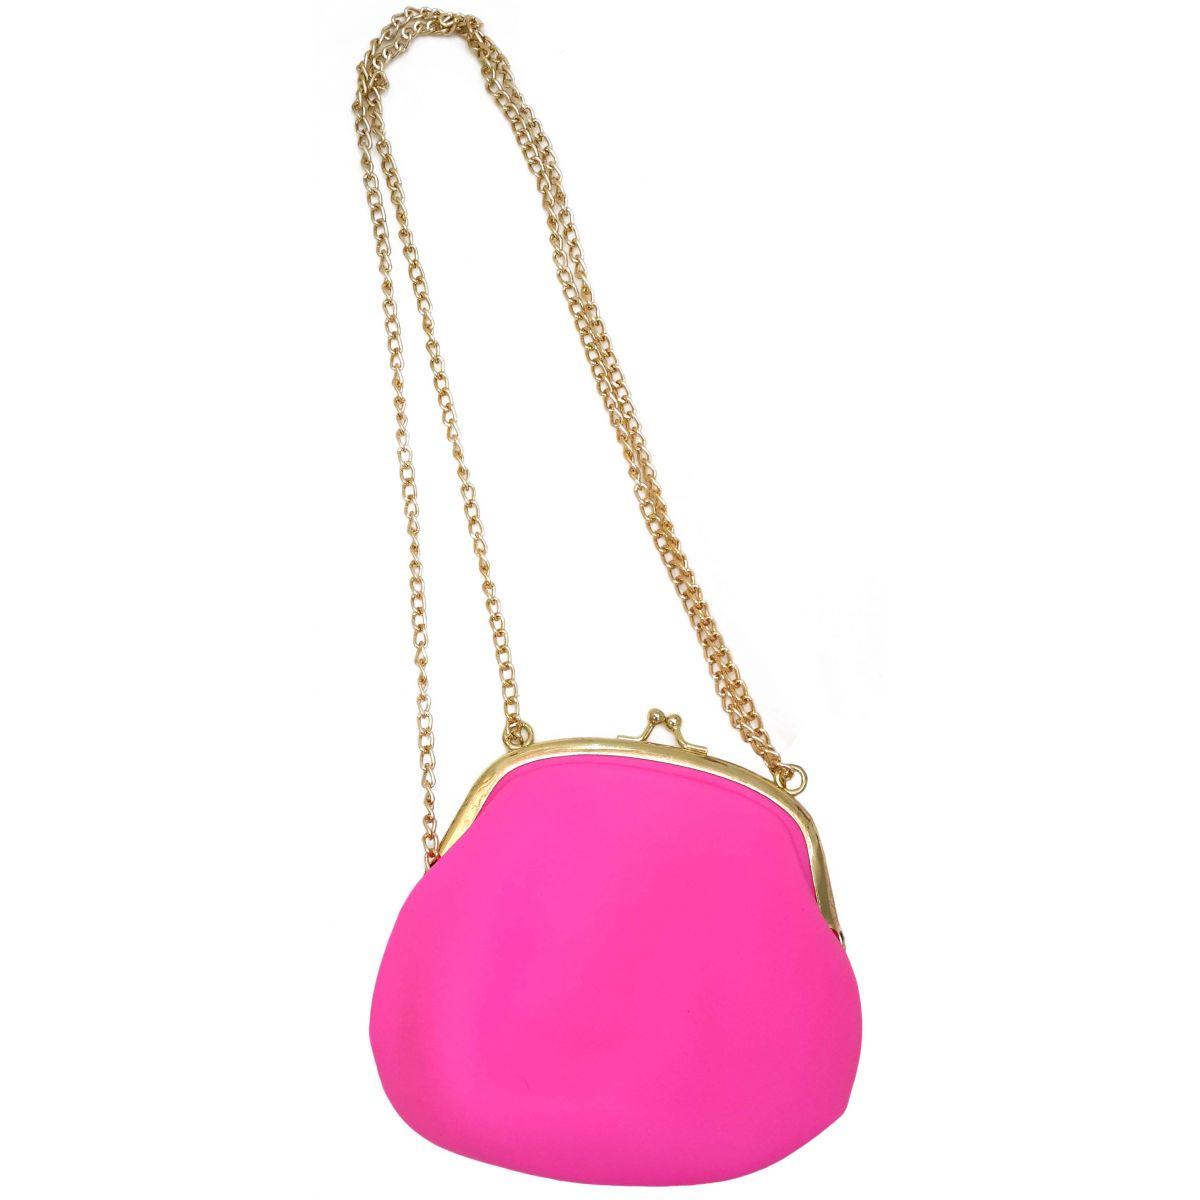 Bolsa De Silicone Tiracolo Retro Rosa Com Correntes Douradas (BL-2662-6)